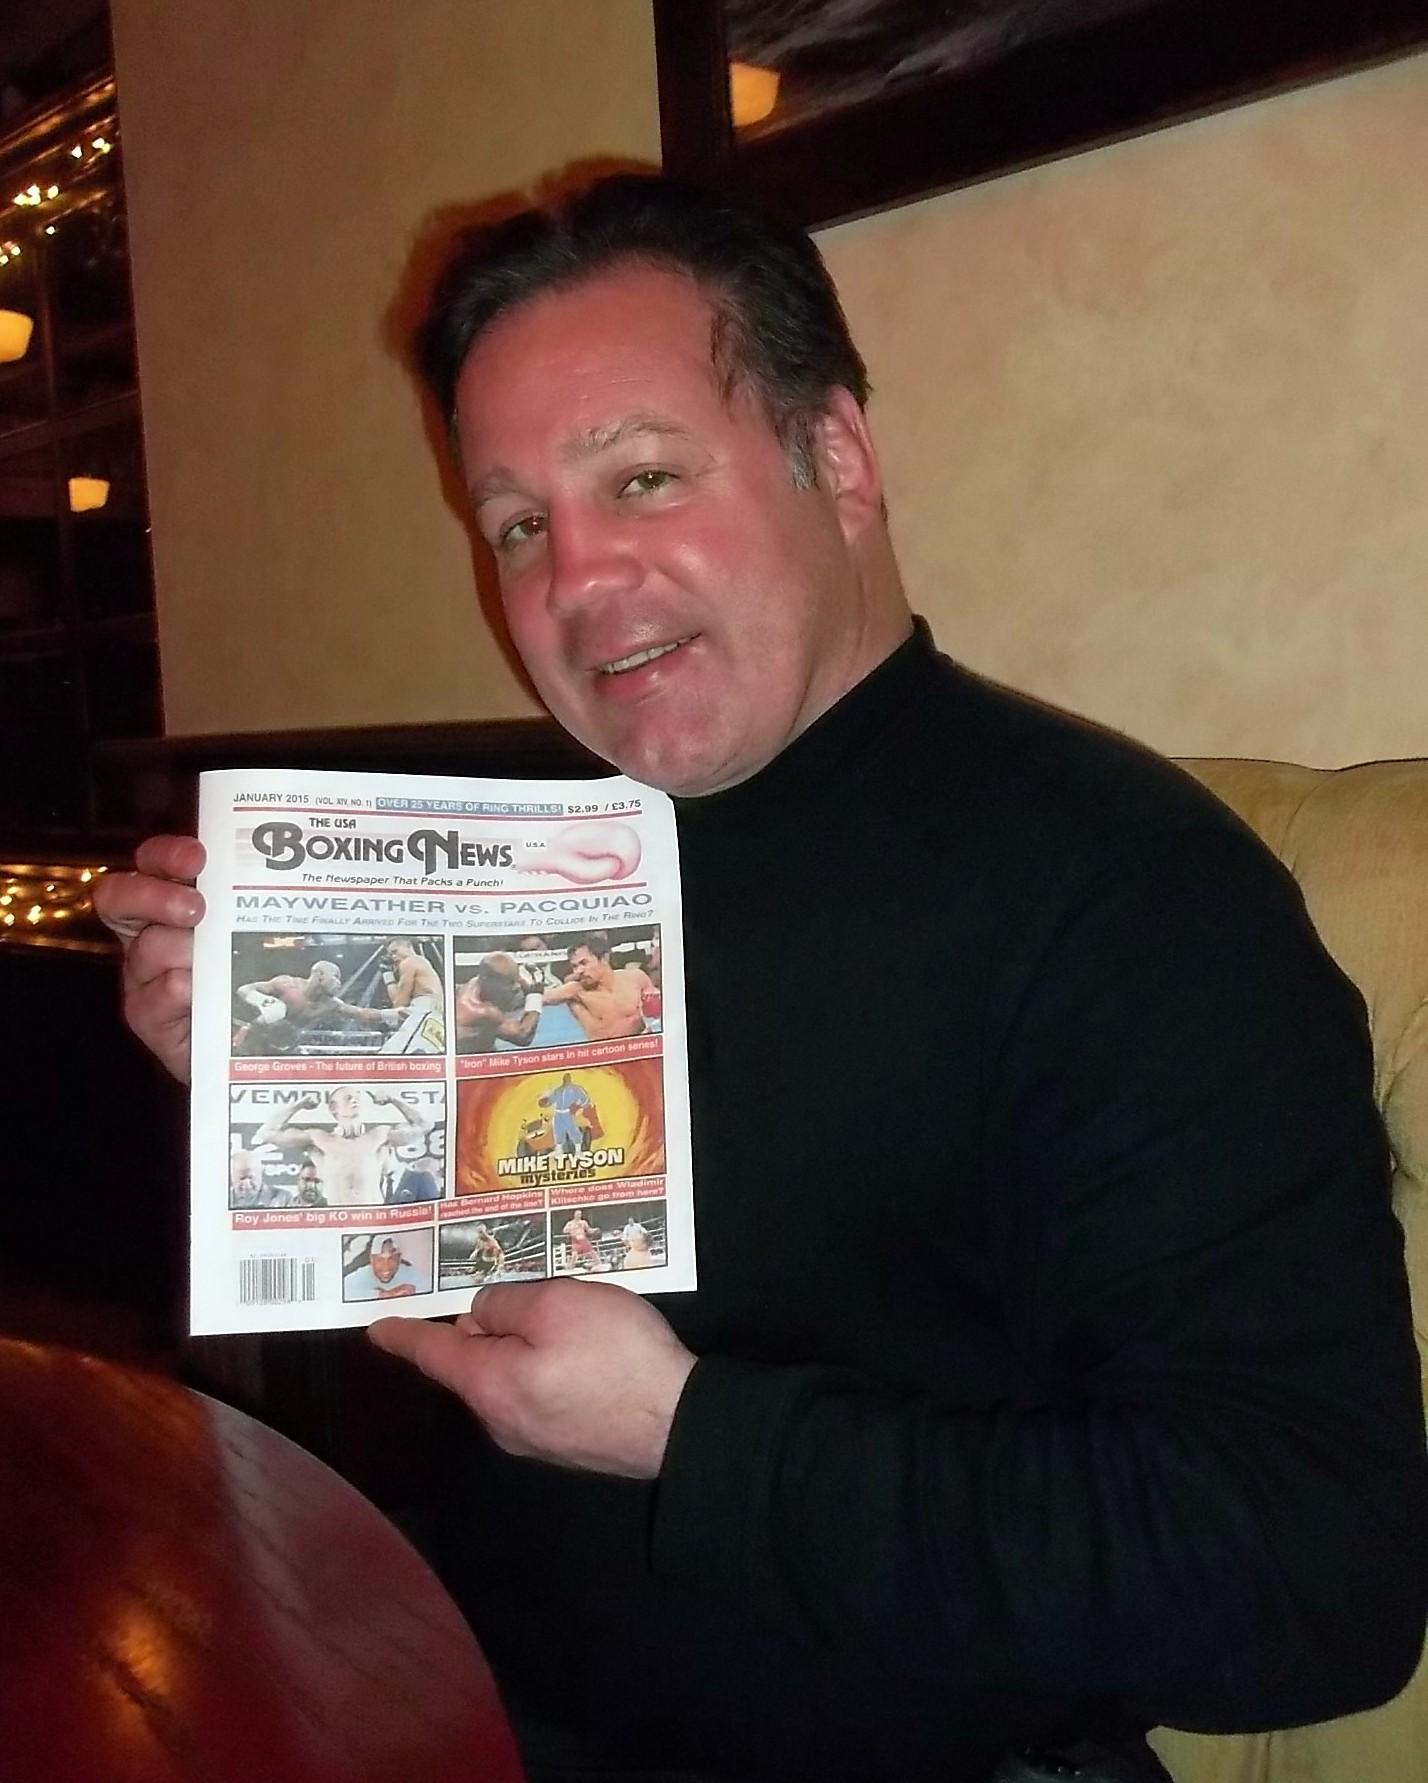 Bobby Czyz Interiew with newspaper.